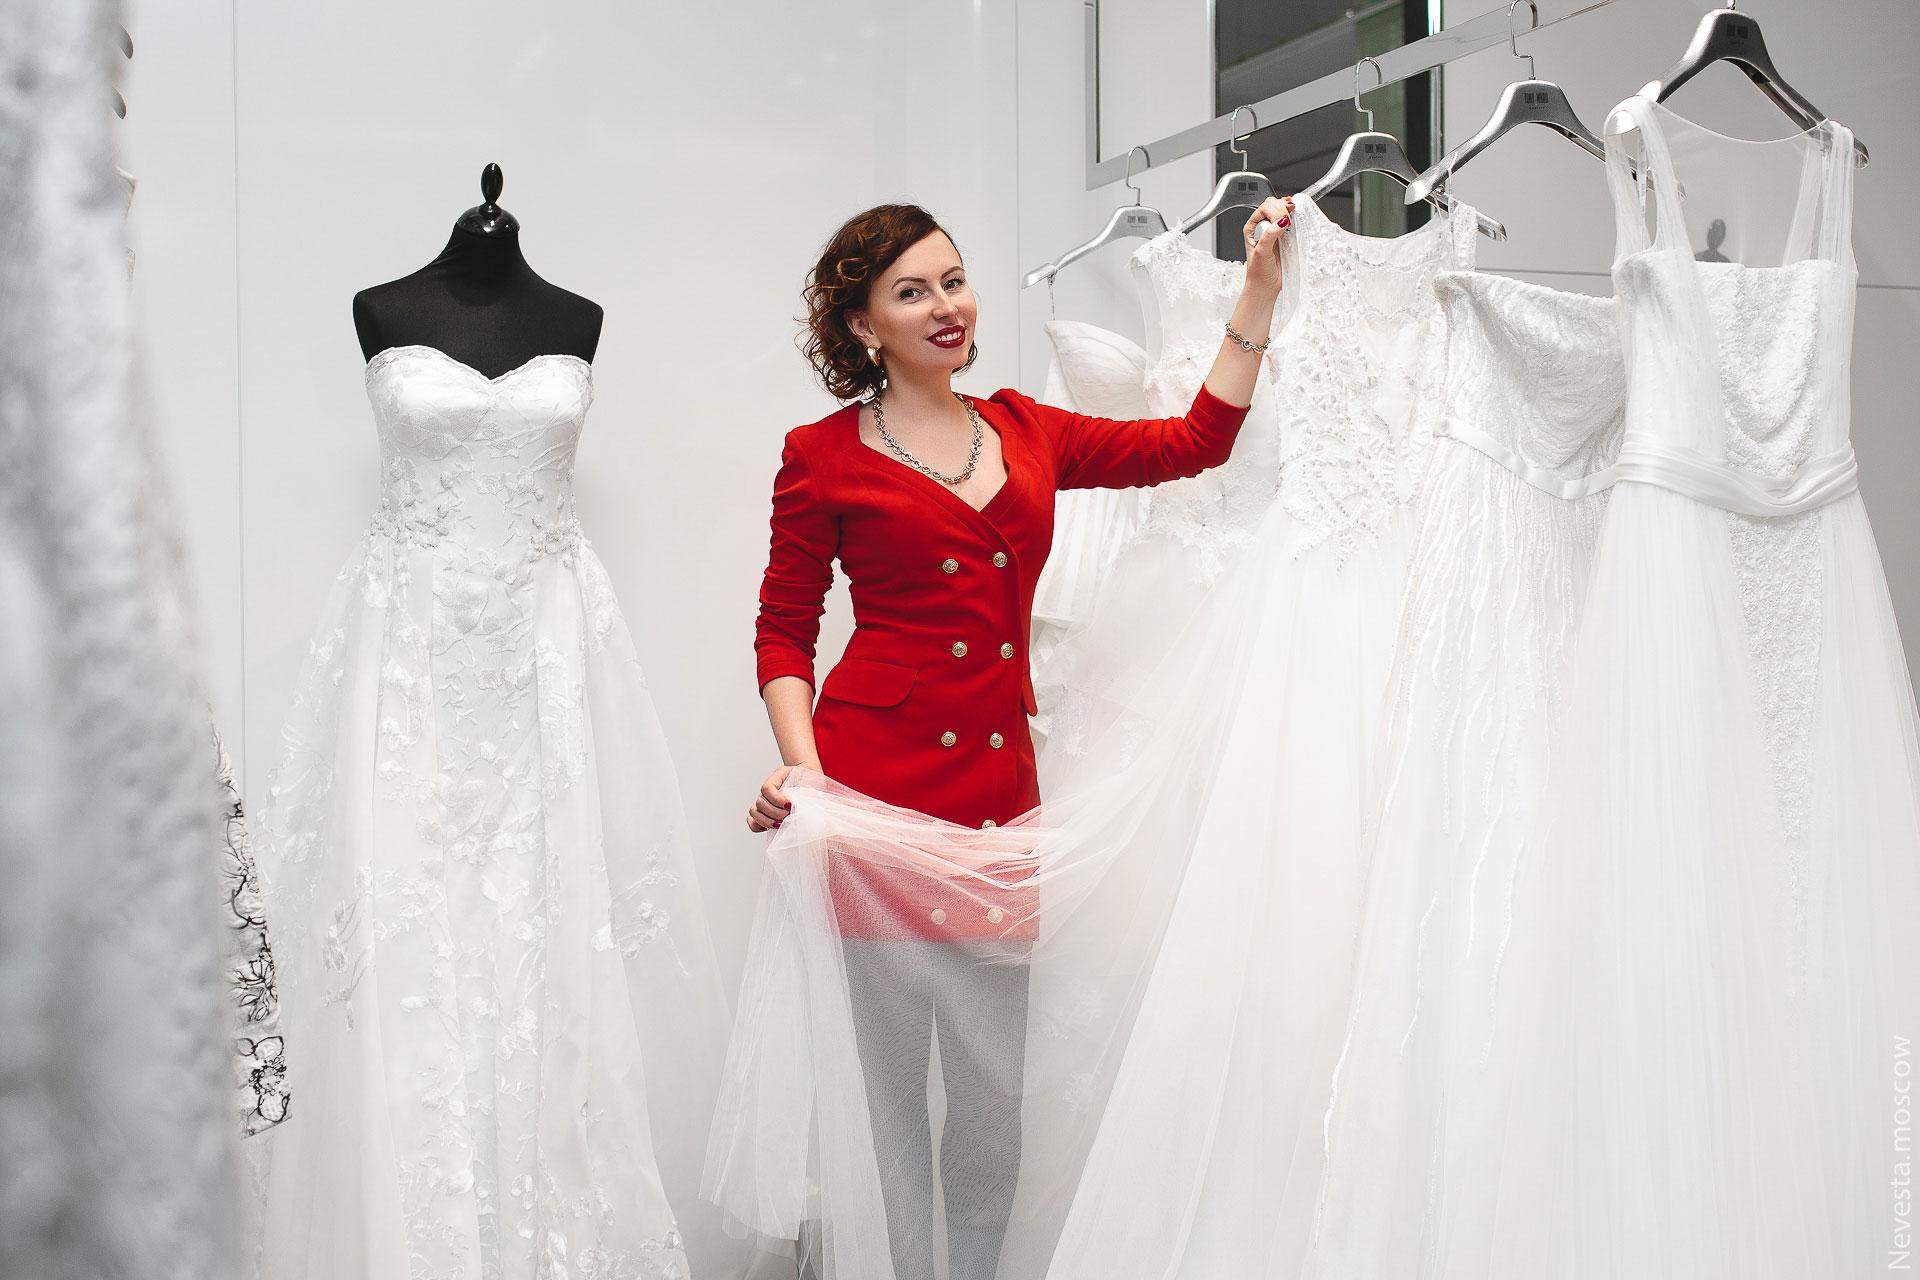 Актриса Ольга Зайцева примеряет свадебное платье фото 6